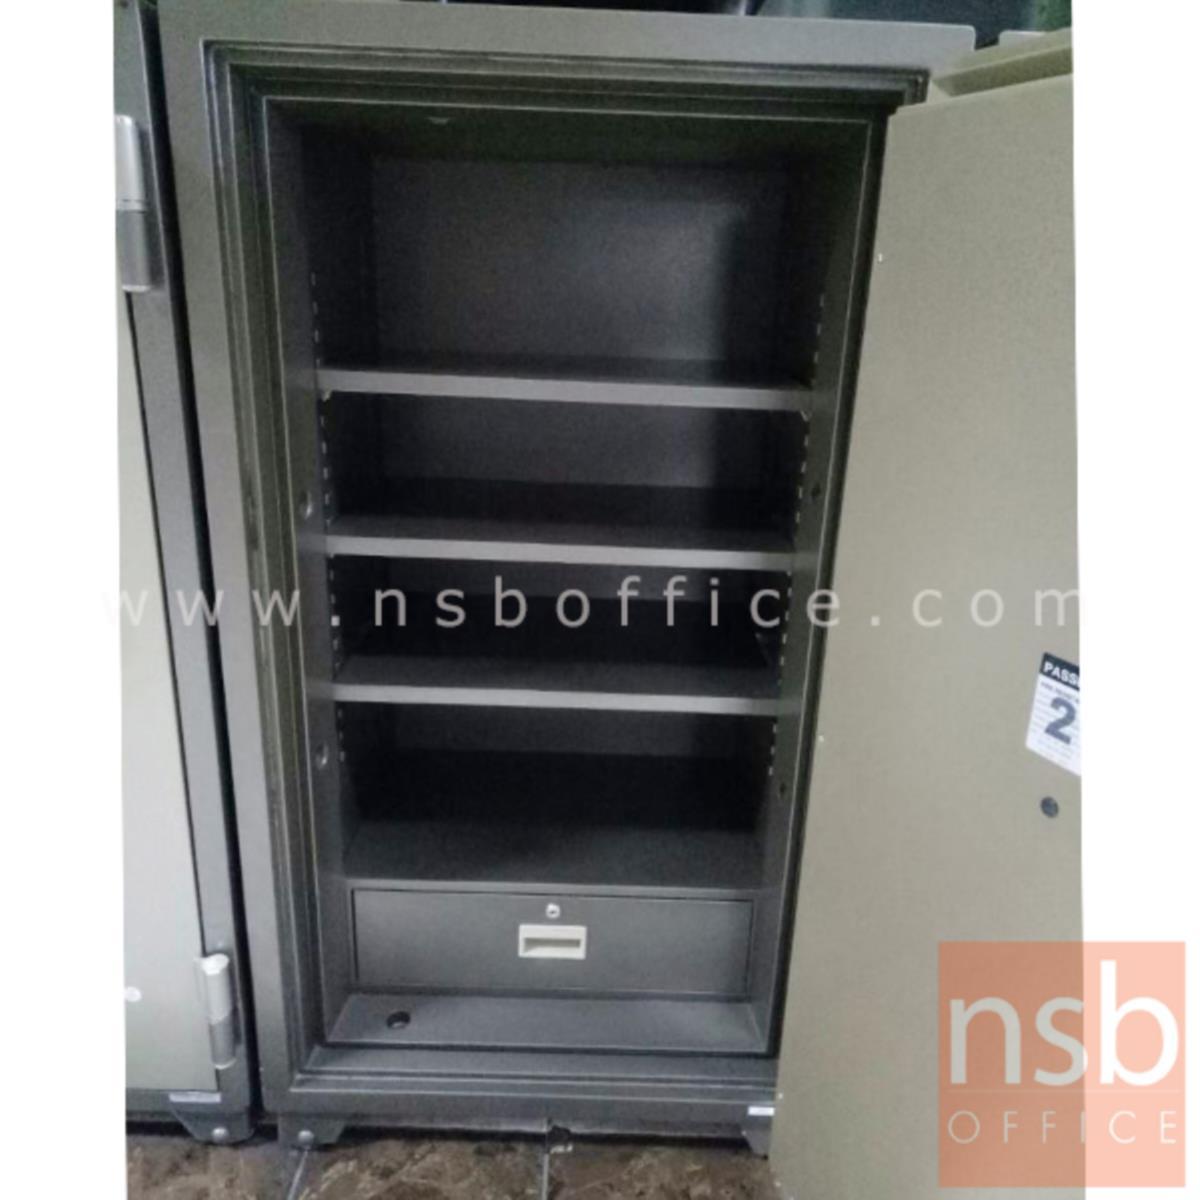 ตู้เซฟนิรภัยชนิดดิจิตอล 190 กก.  รุ่น PRESIDENT-SB40D มี 1 กุญแจ 1 รหัส (ใช้กดหน้าตู้)